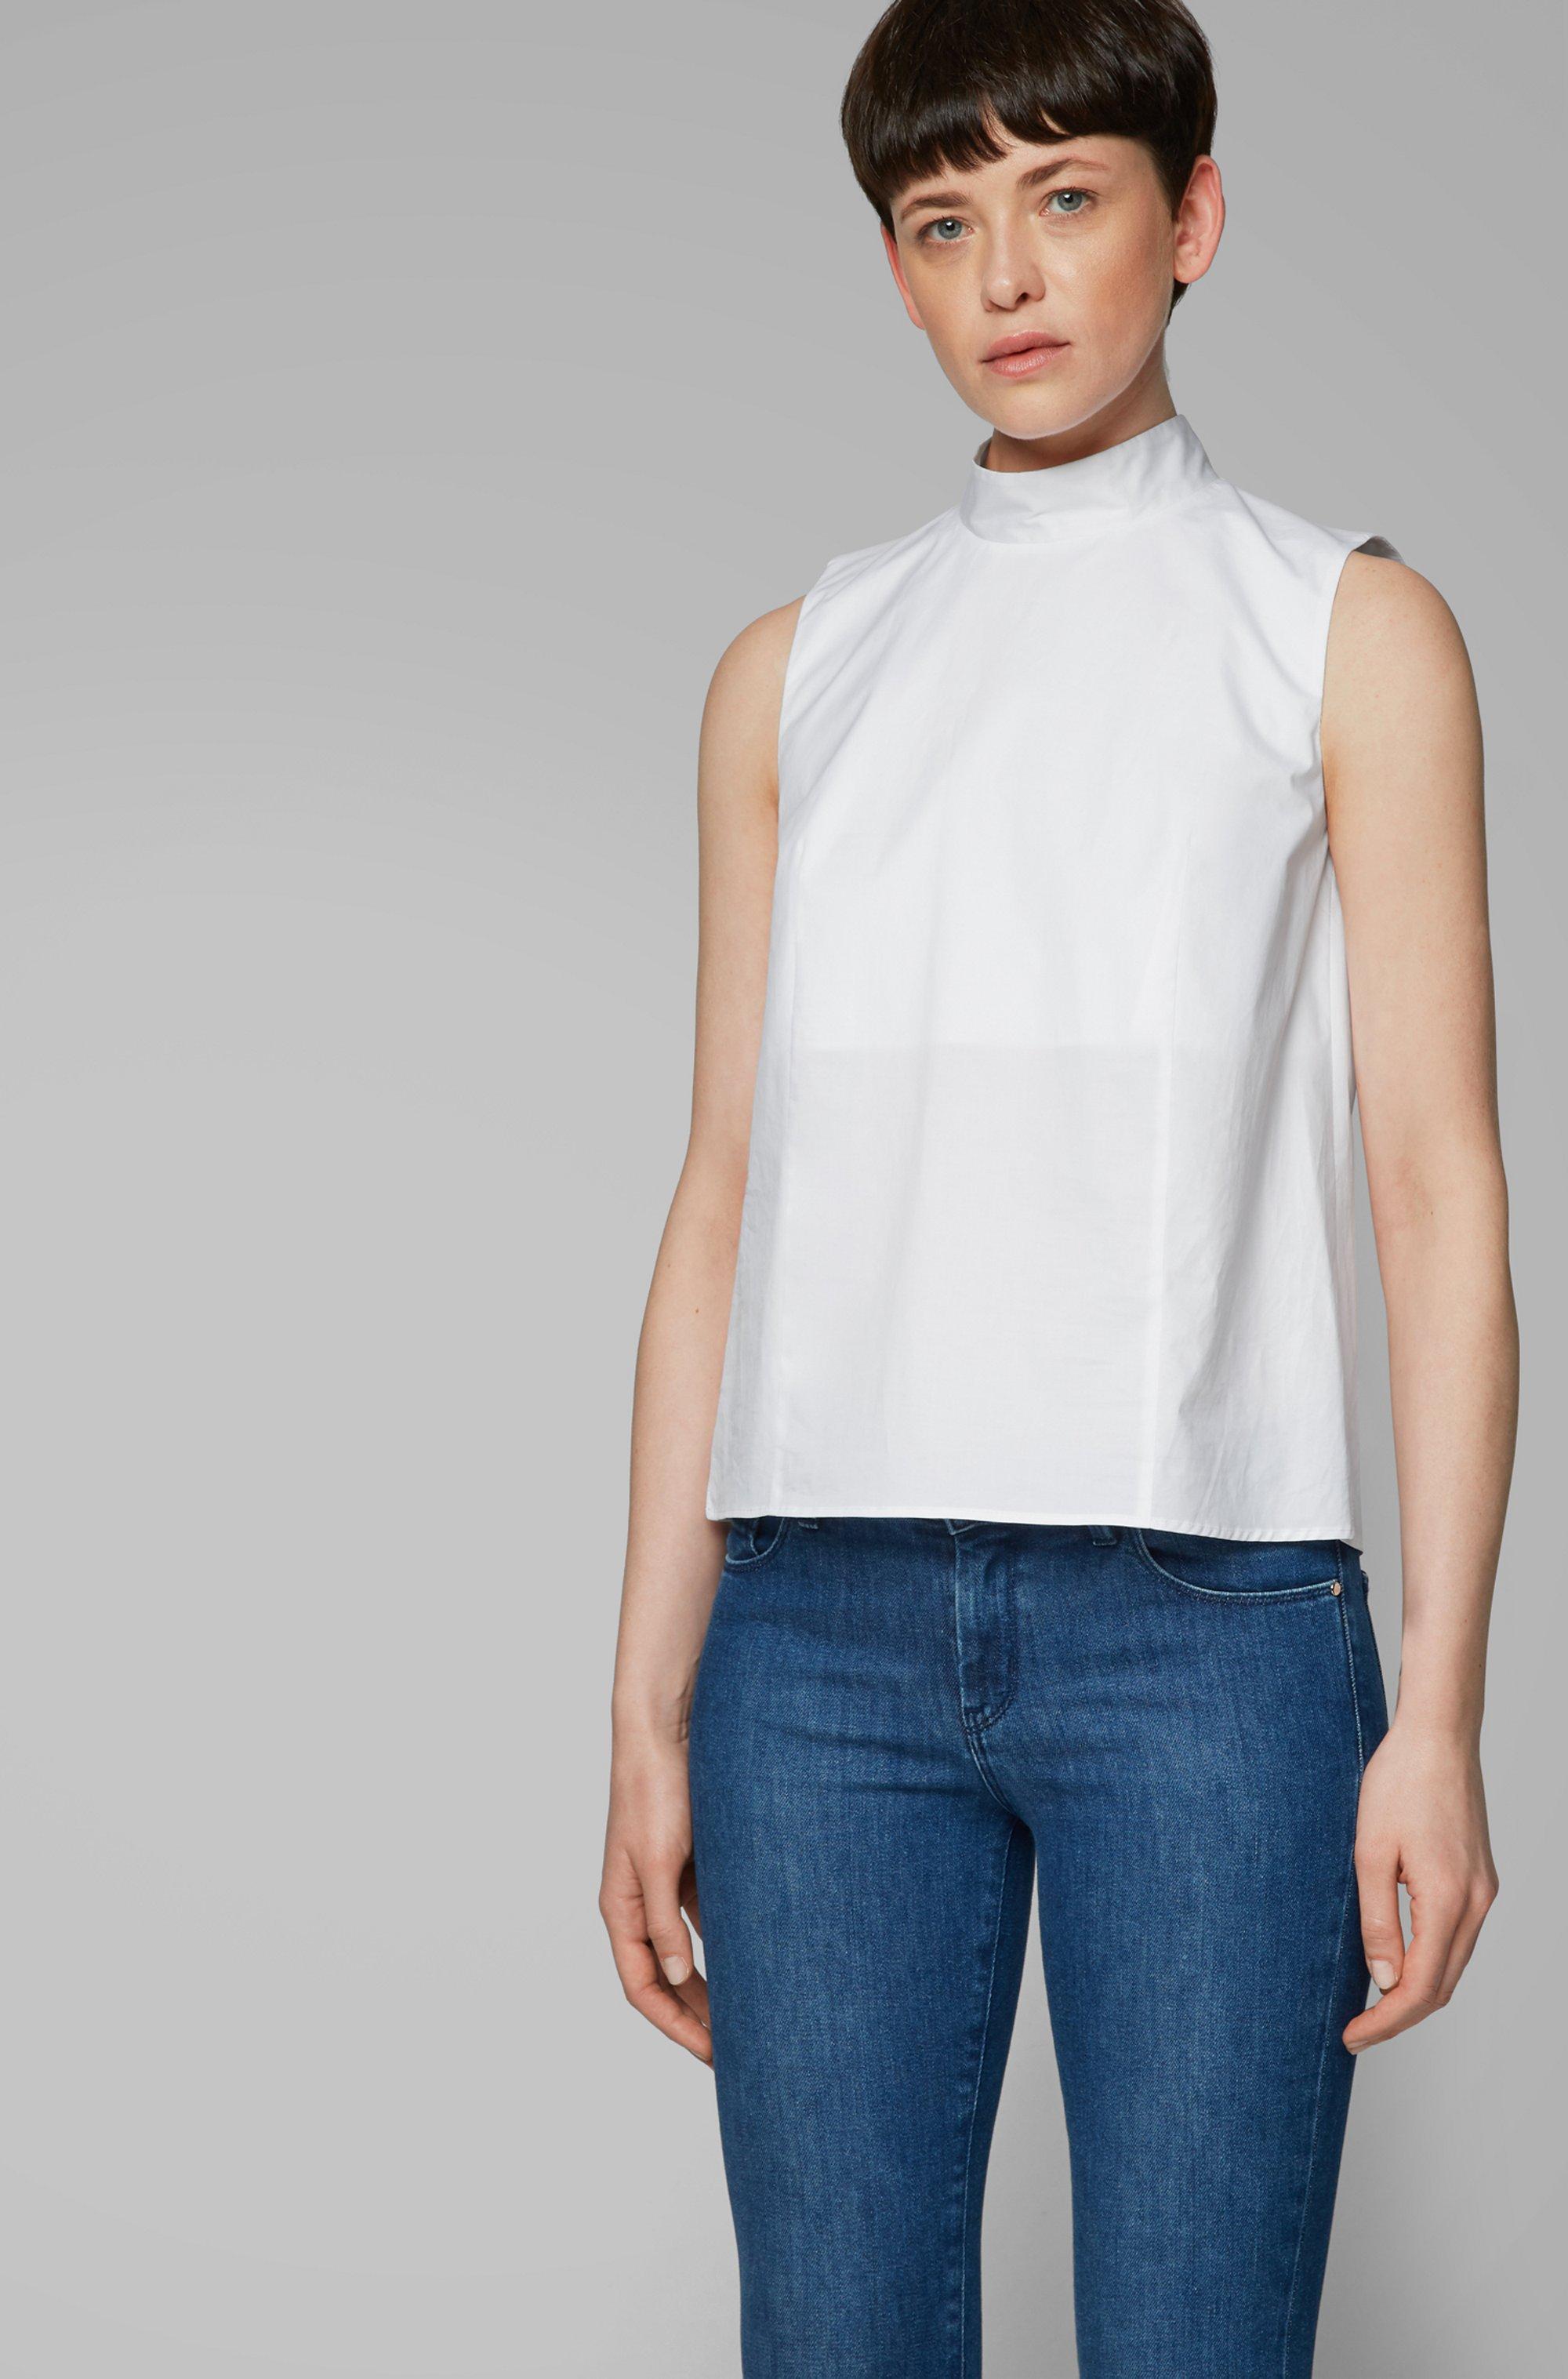 Ärmelloses Top aus Stretch-Baumwolle mit Paper-Touch-Effekt